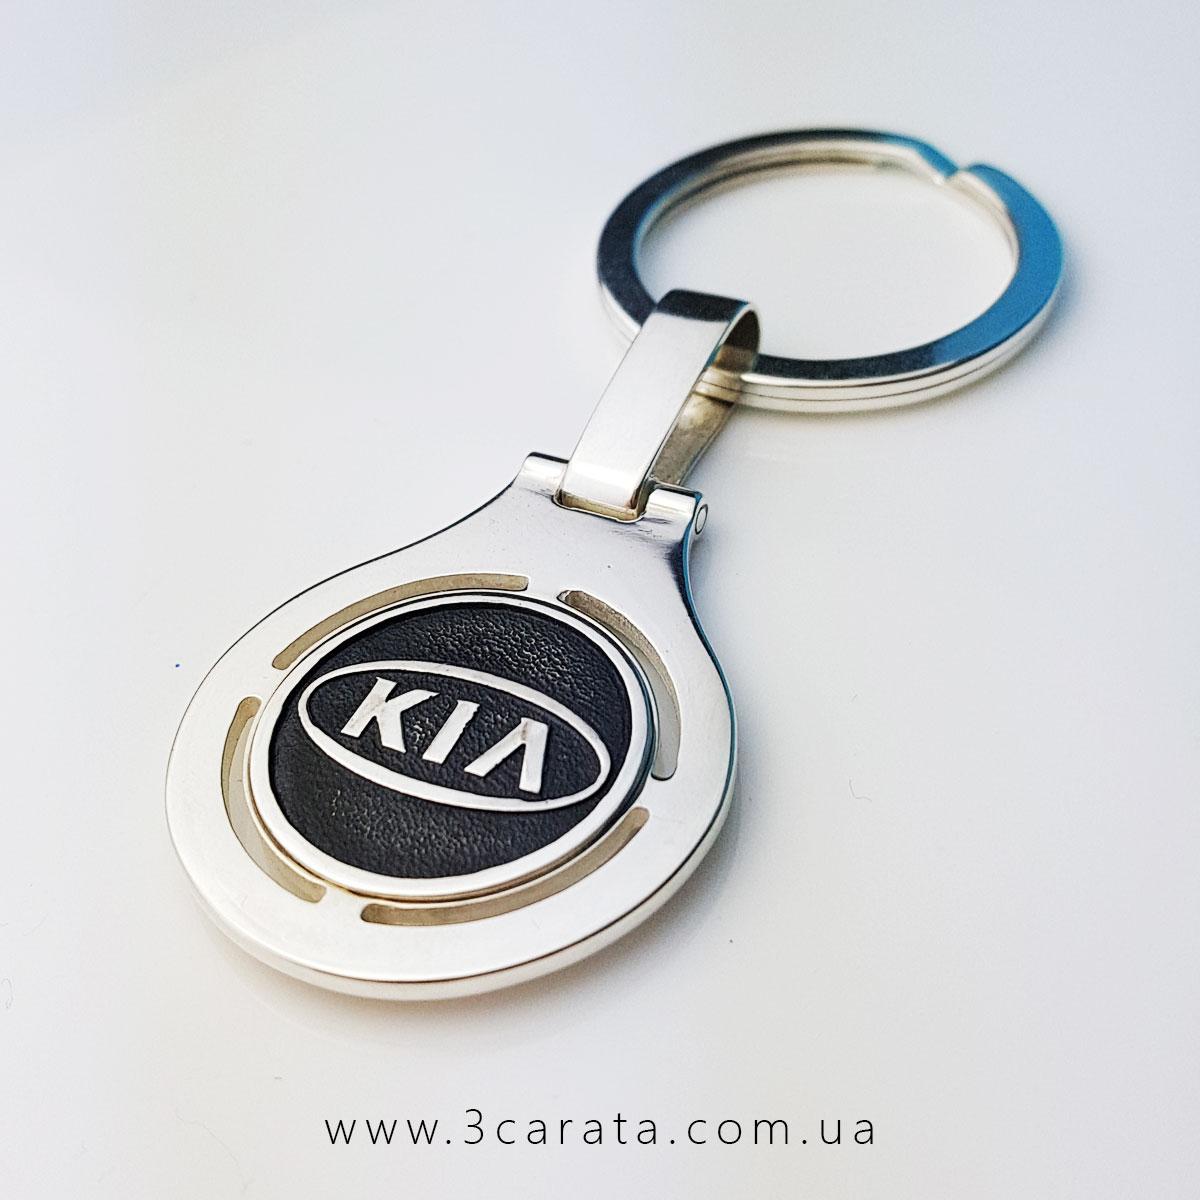 Срібний брелок для ключів машини «КИА»